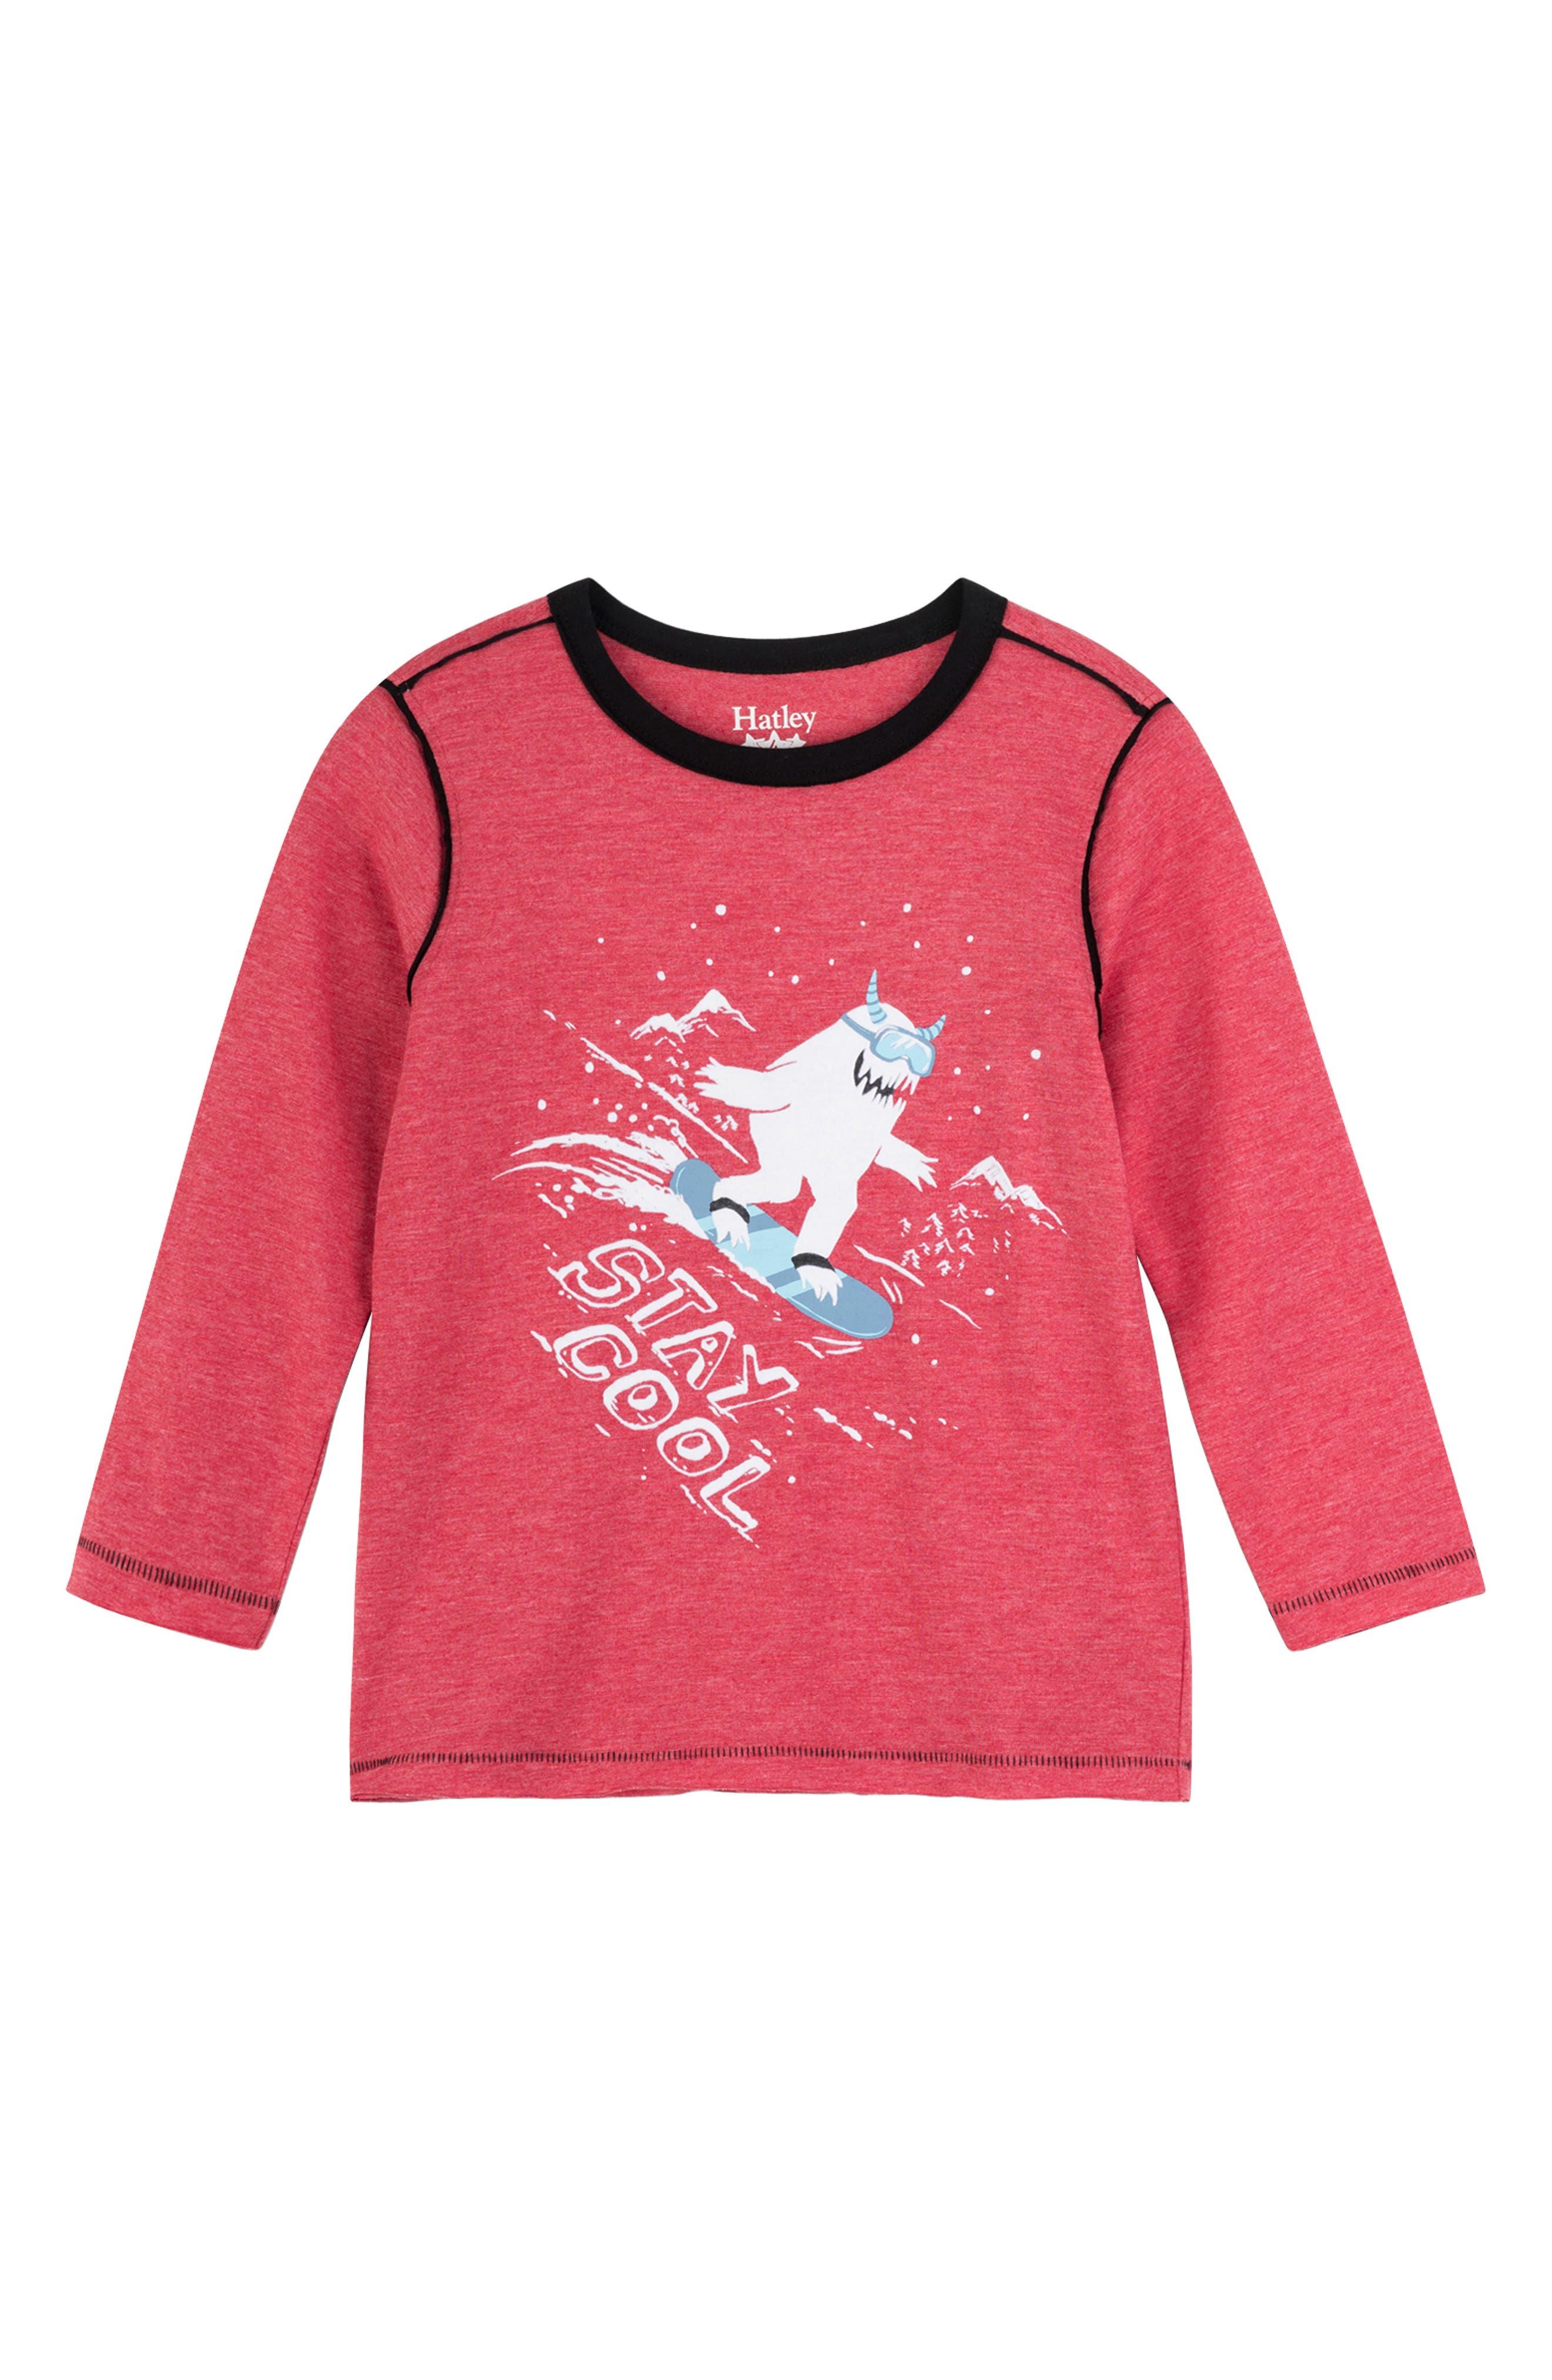 HATLEY Long Sleeve T-Shirt, Main, color, 600